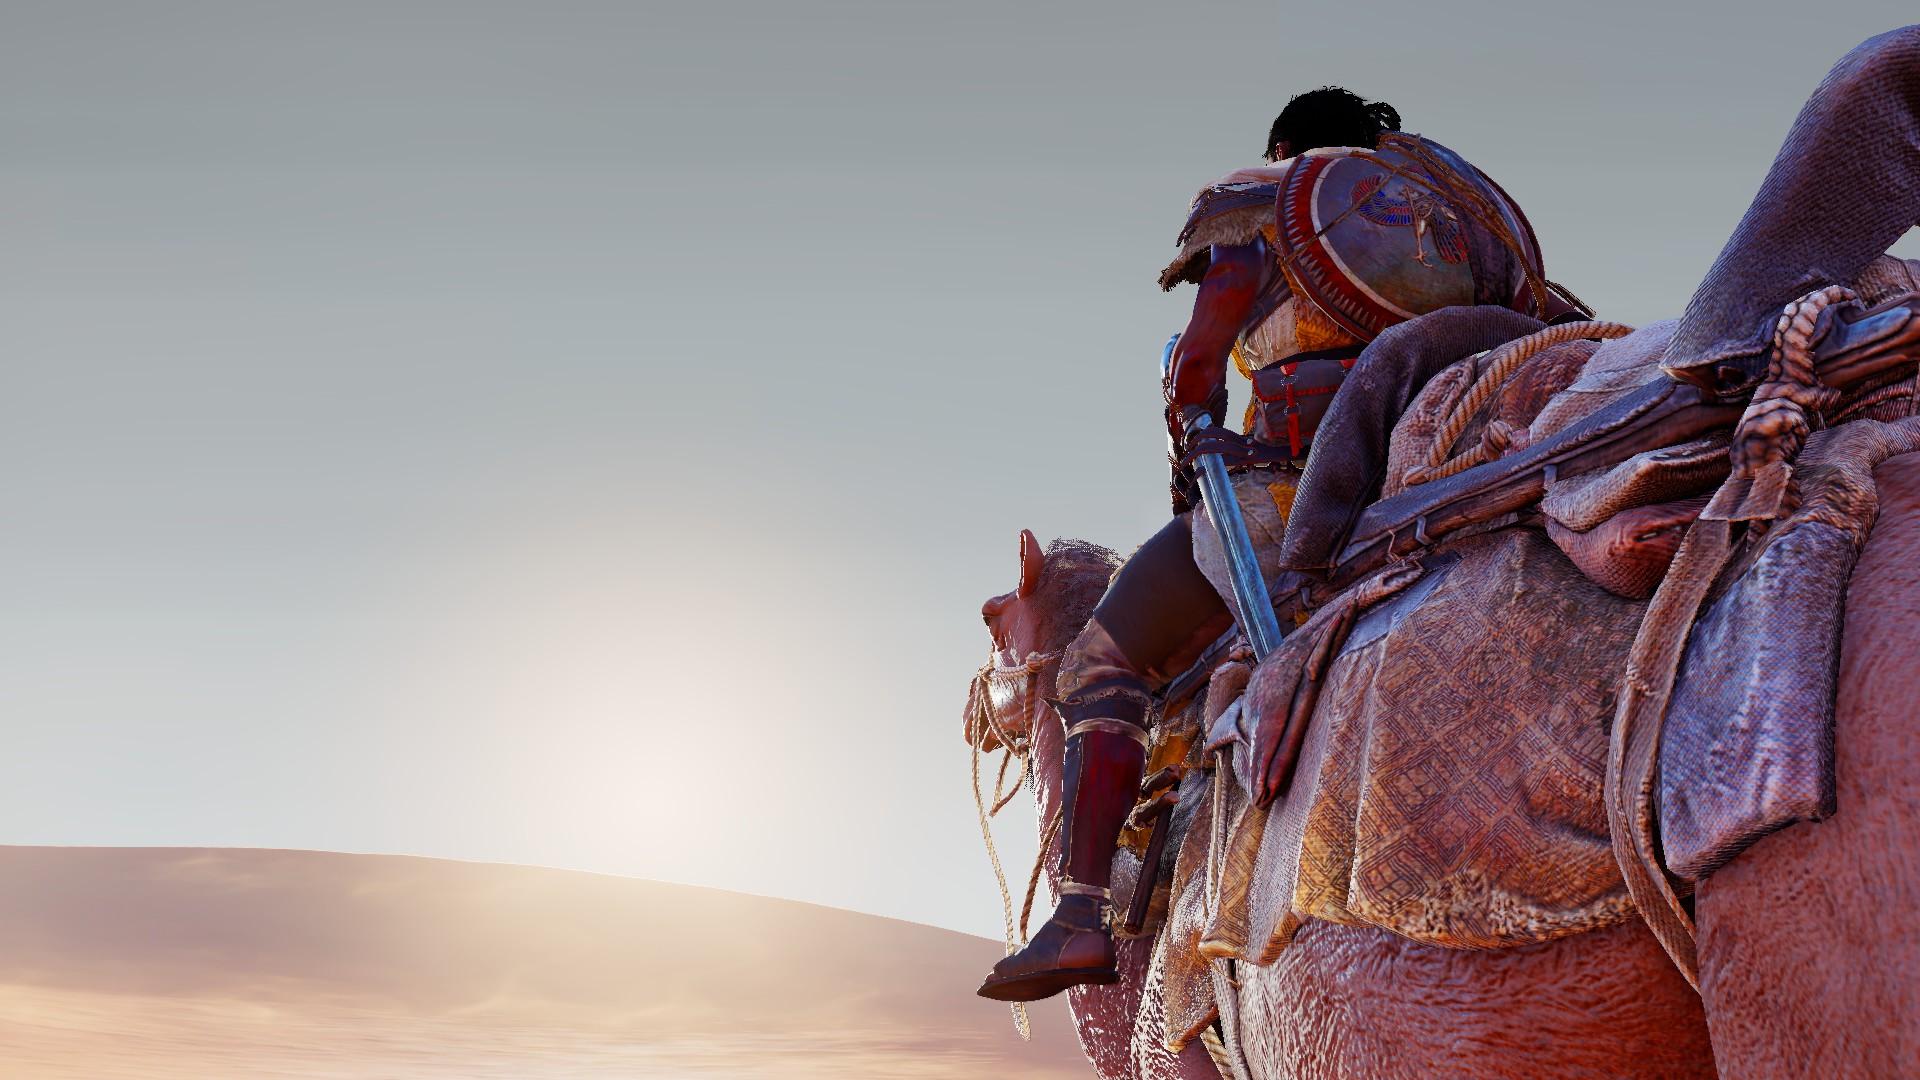 1509107425_20171027174519_1.jpg - Assassin's Creed: Origins